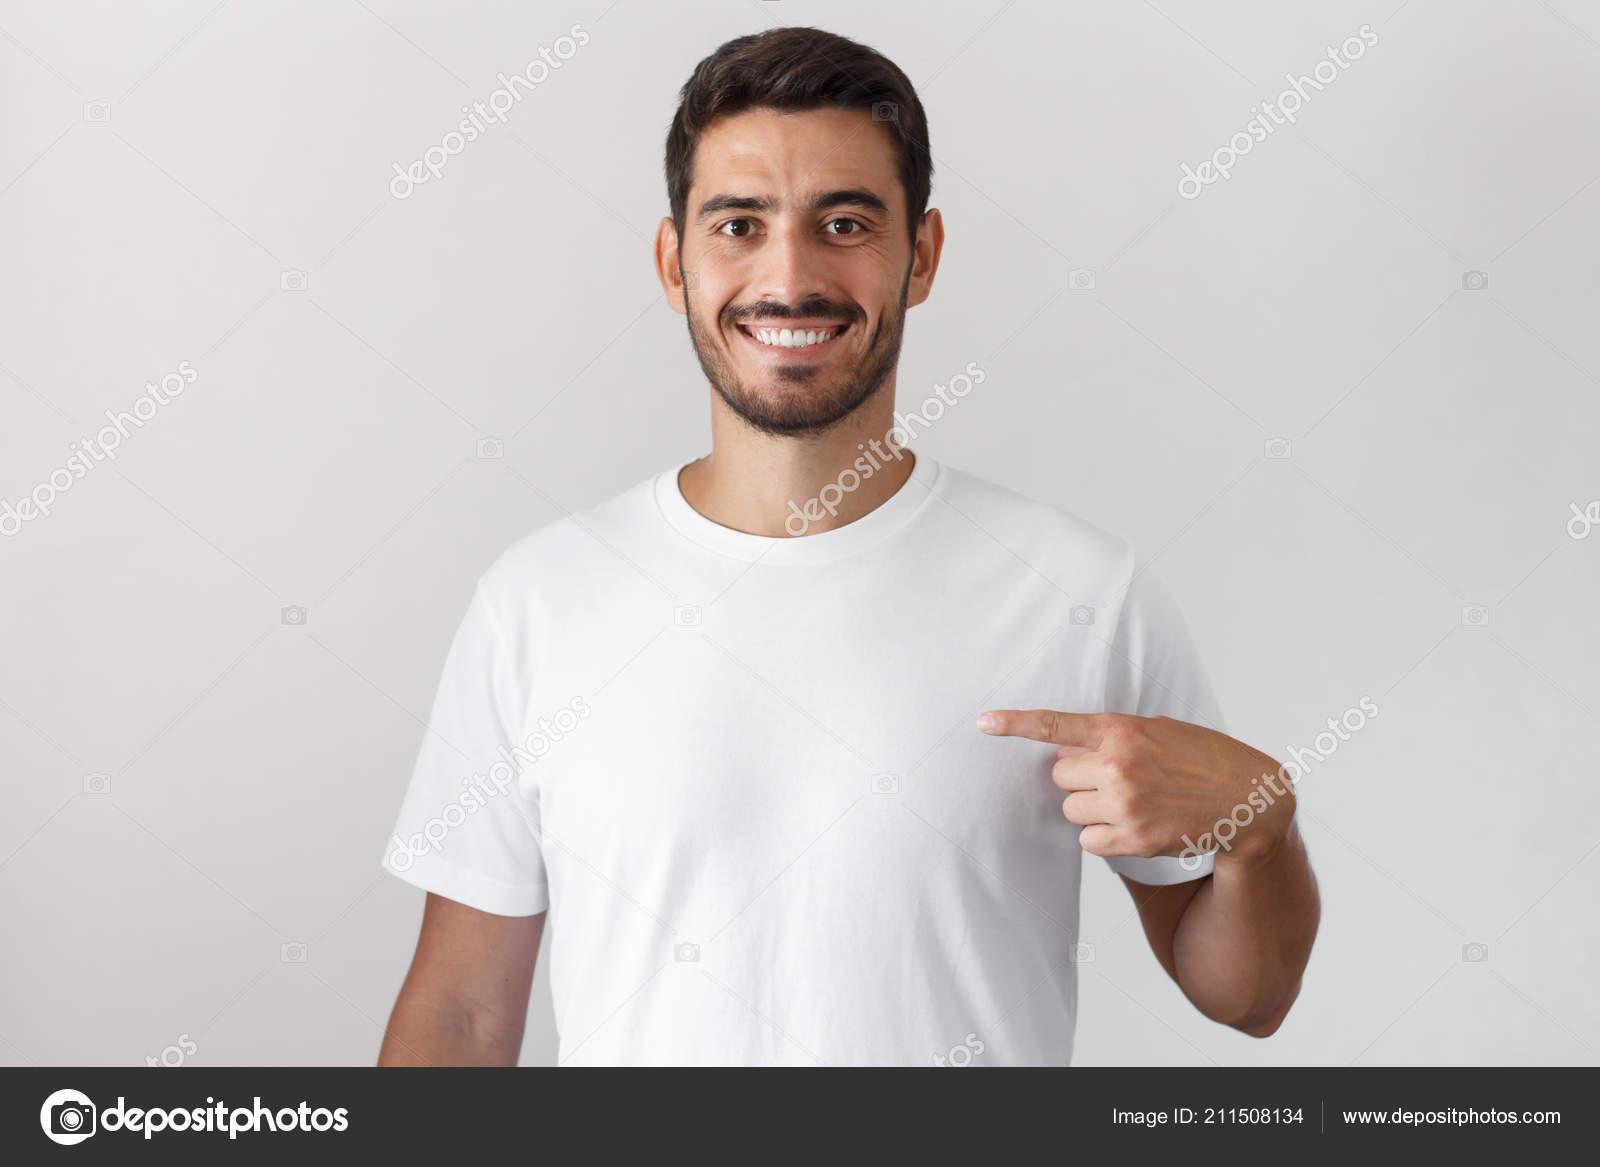 873e5b27532d3 Atractivo joven apuntando con el dedo índice en la camiseta blanca en  blanco con espacio vacío para su publicidad de texto o imagen